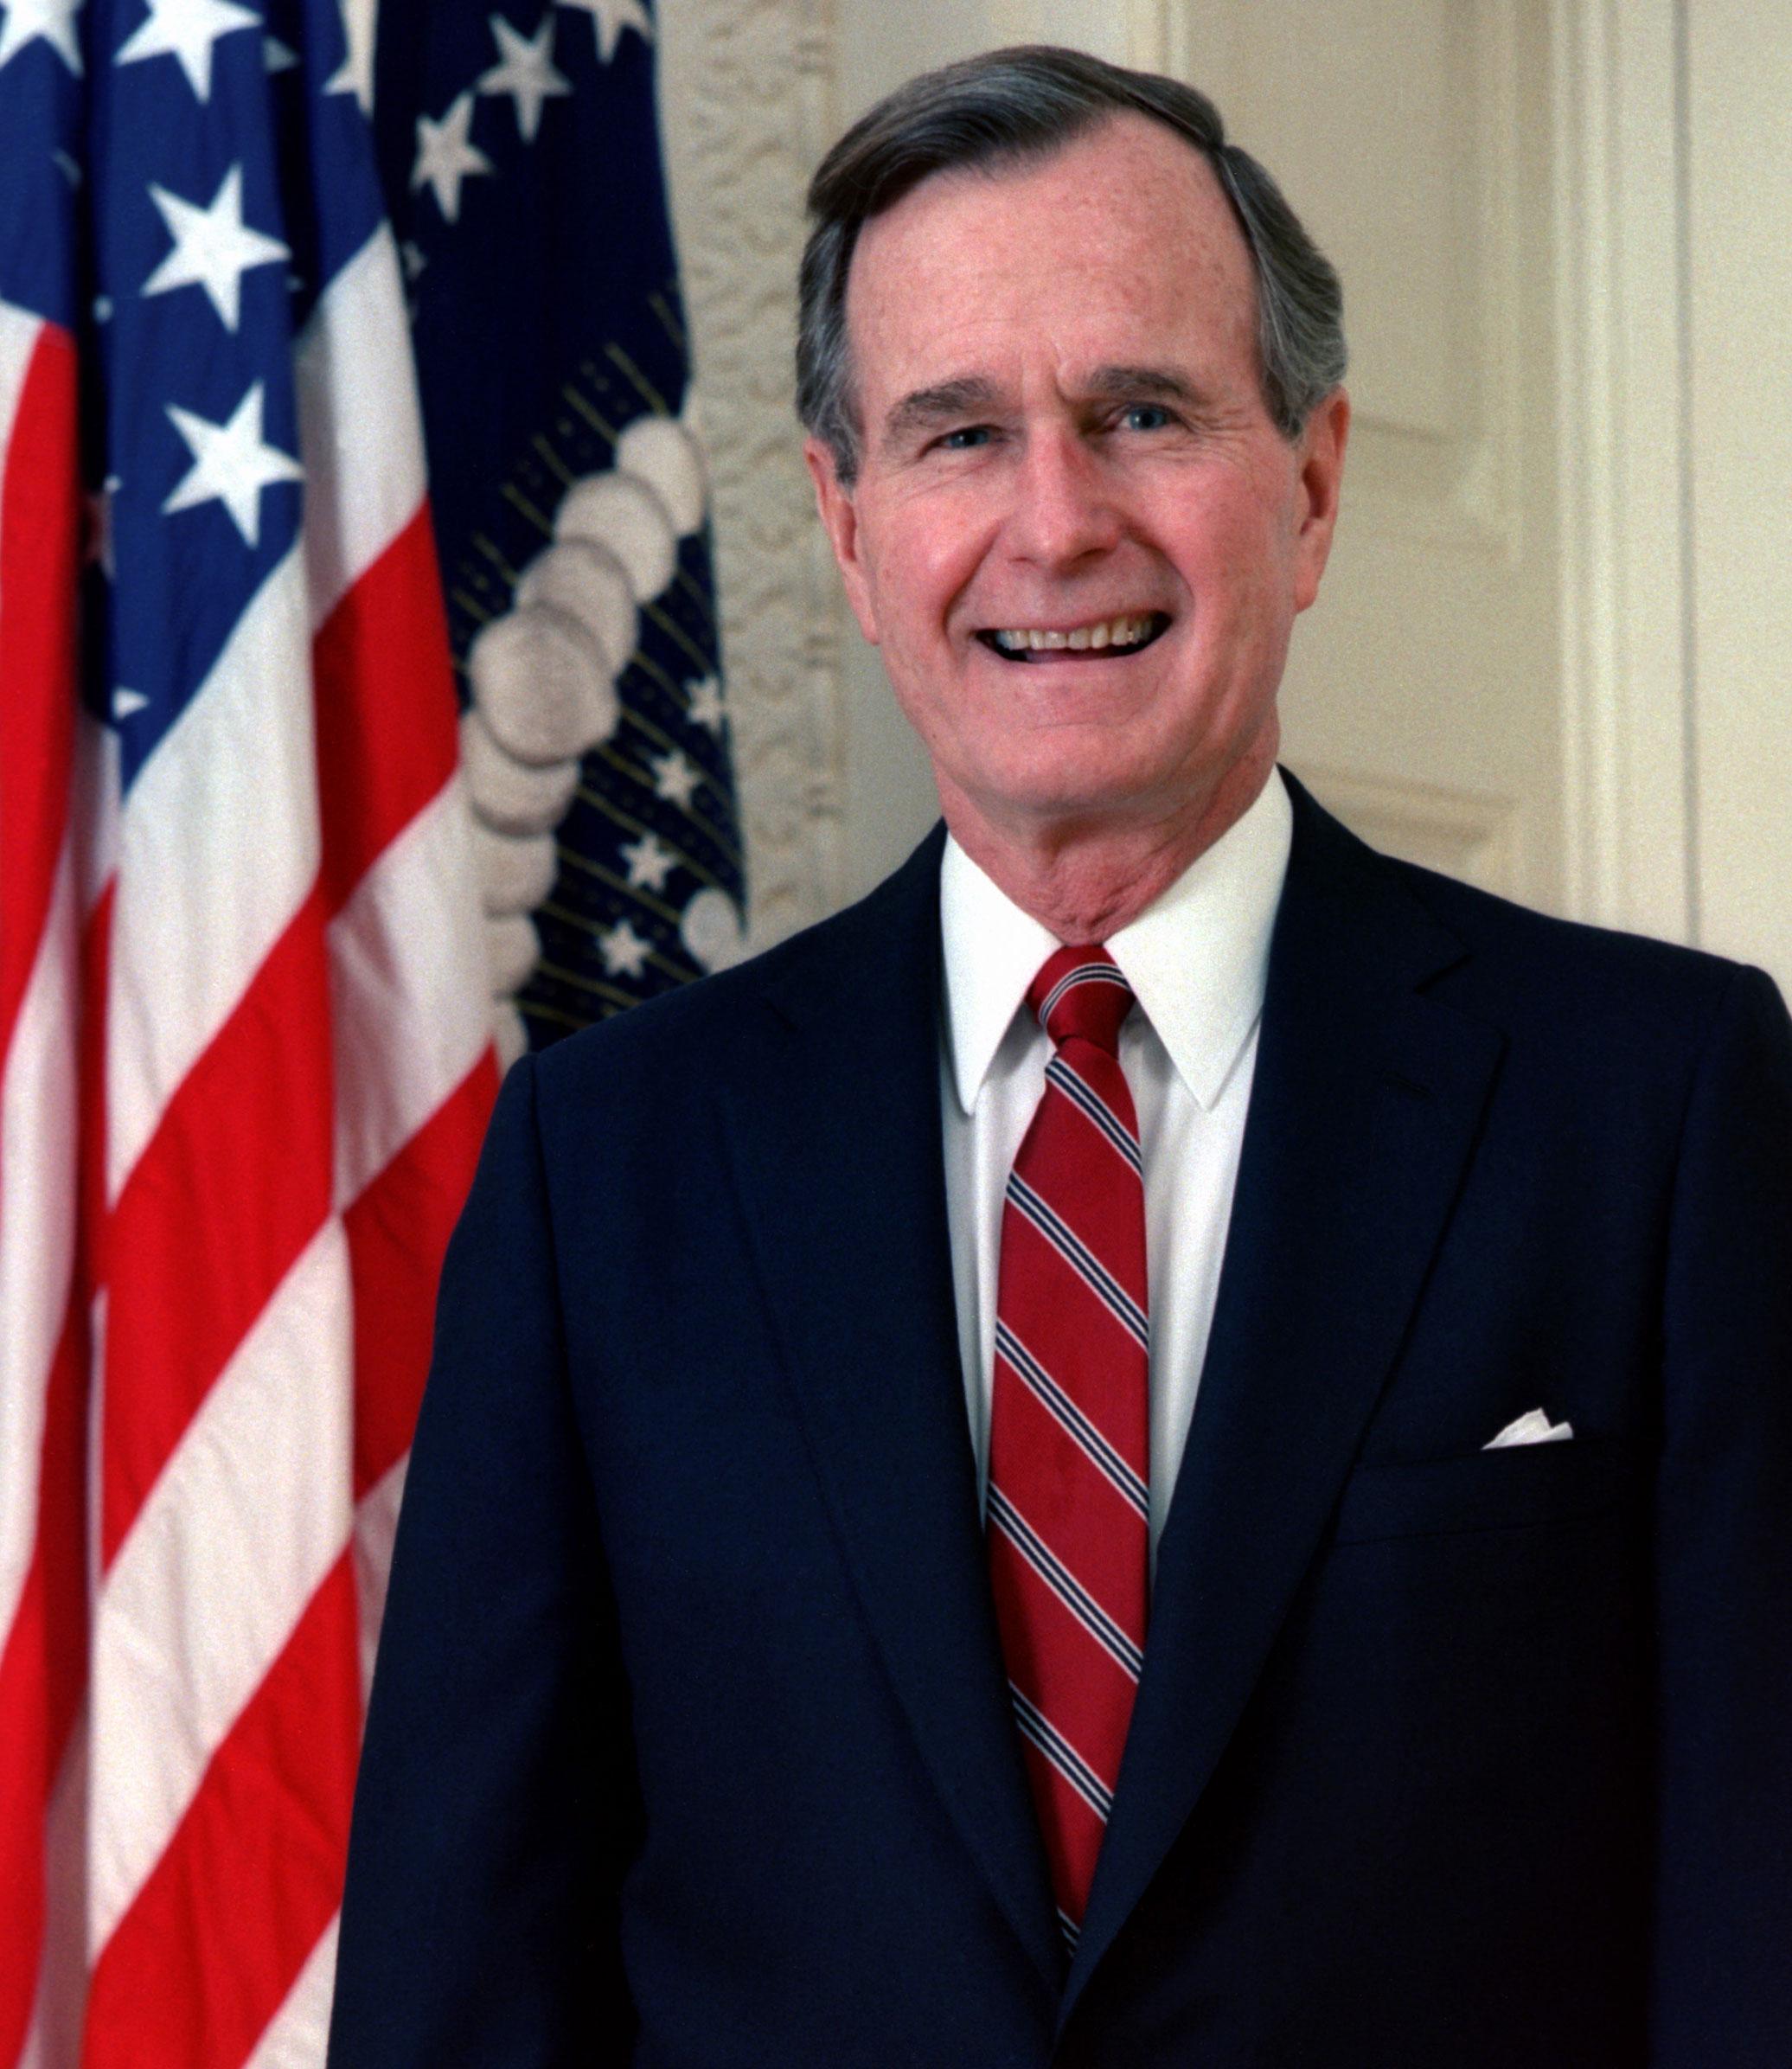 George H. W. Bush, Amerika Birleşik Devletleri 41. başkanı tarihte bugün